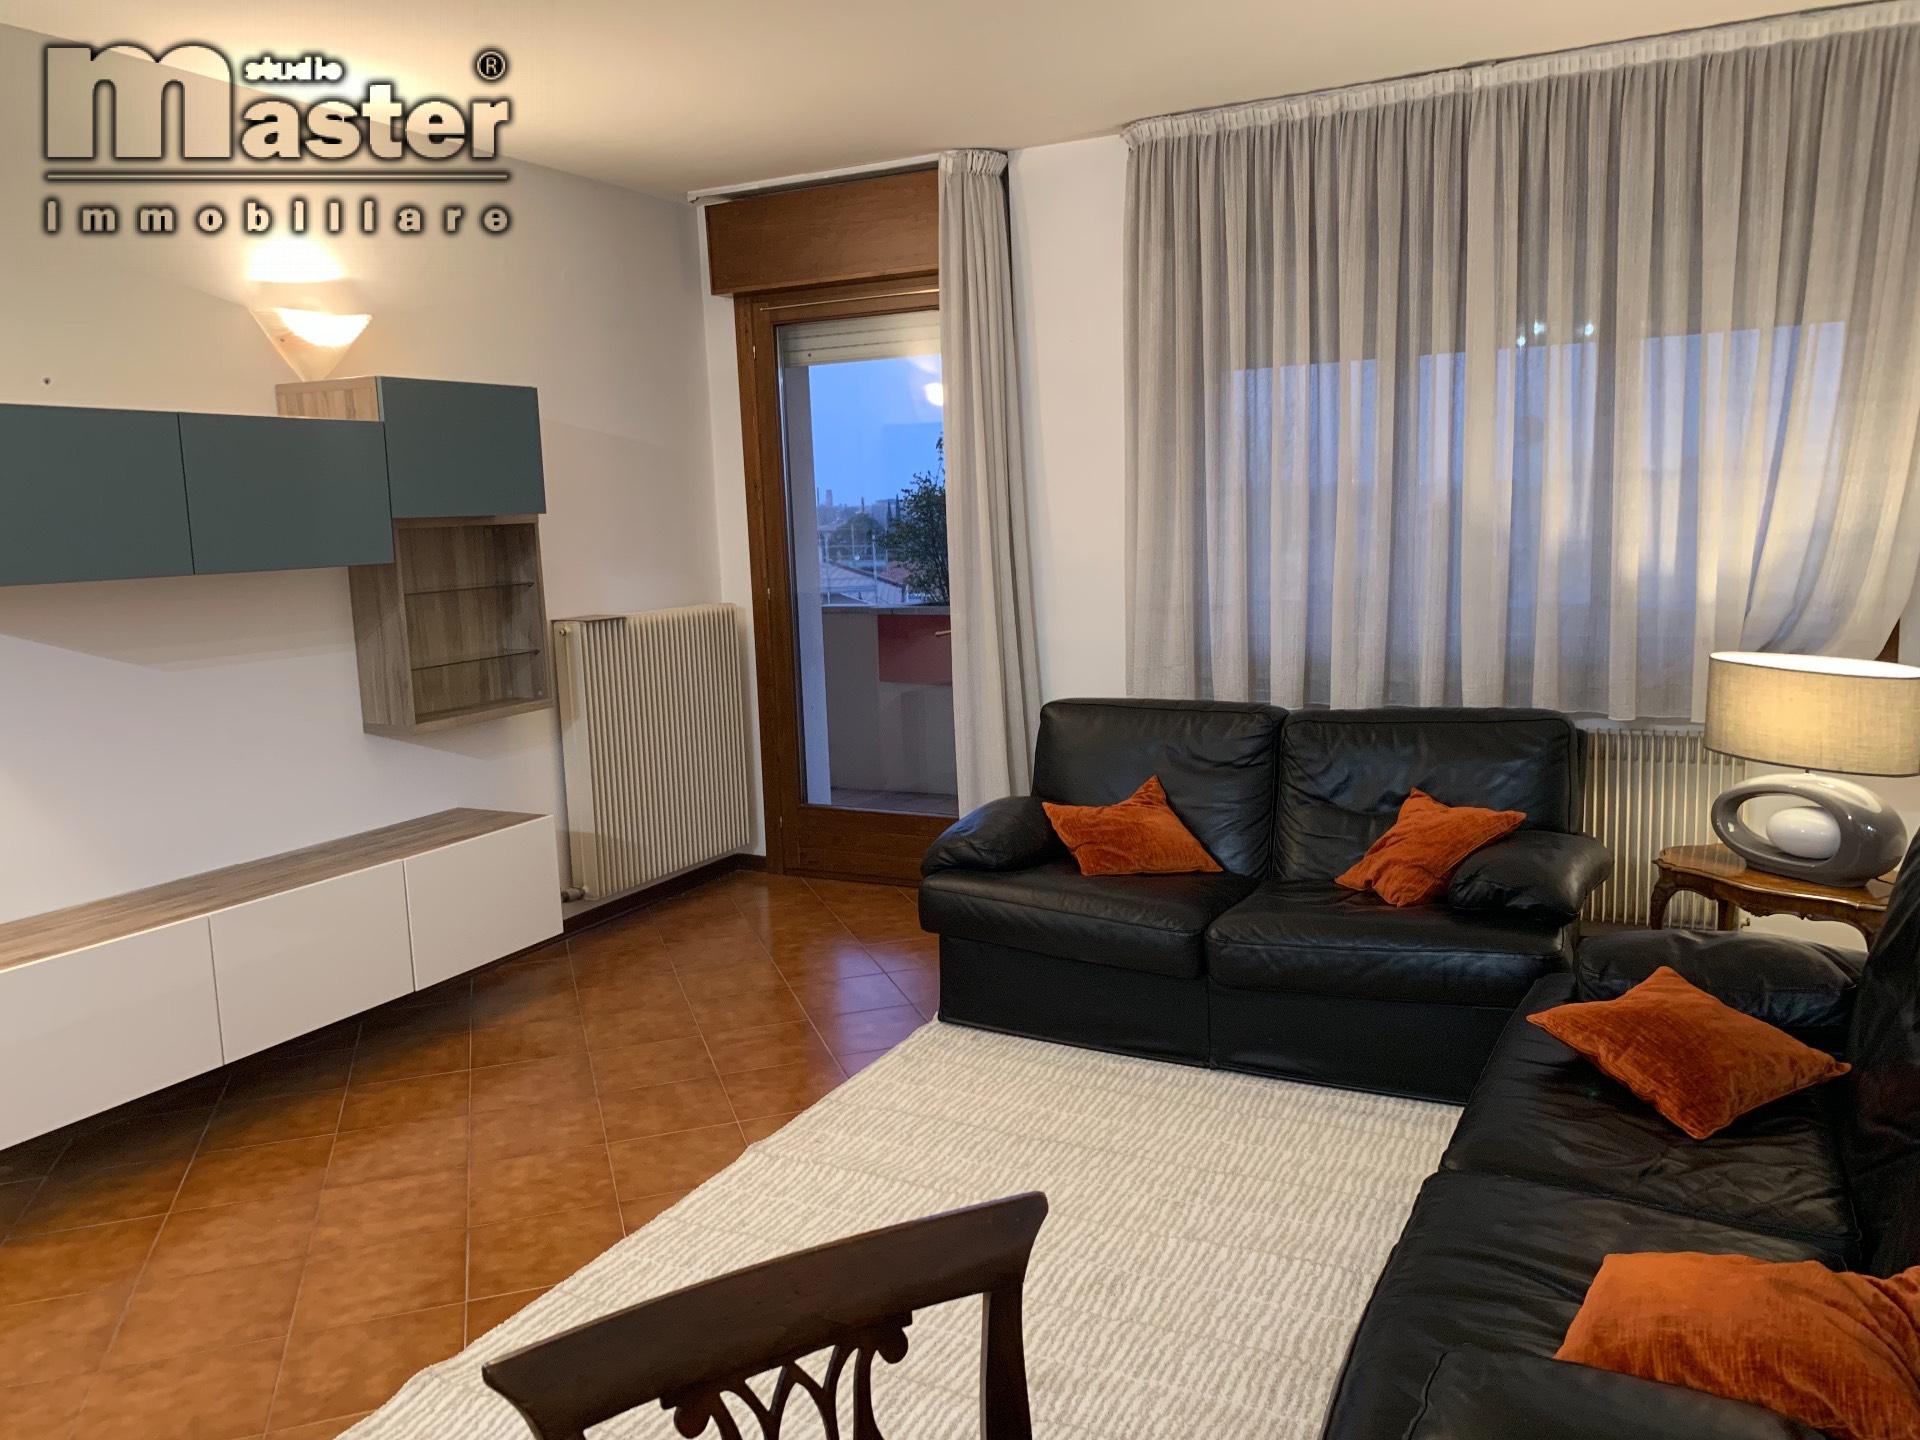 Appartamento in affitto a Treviso, 5 locali, zona Località: FuoriMura, prezzo € 830 | CambioCasa.it